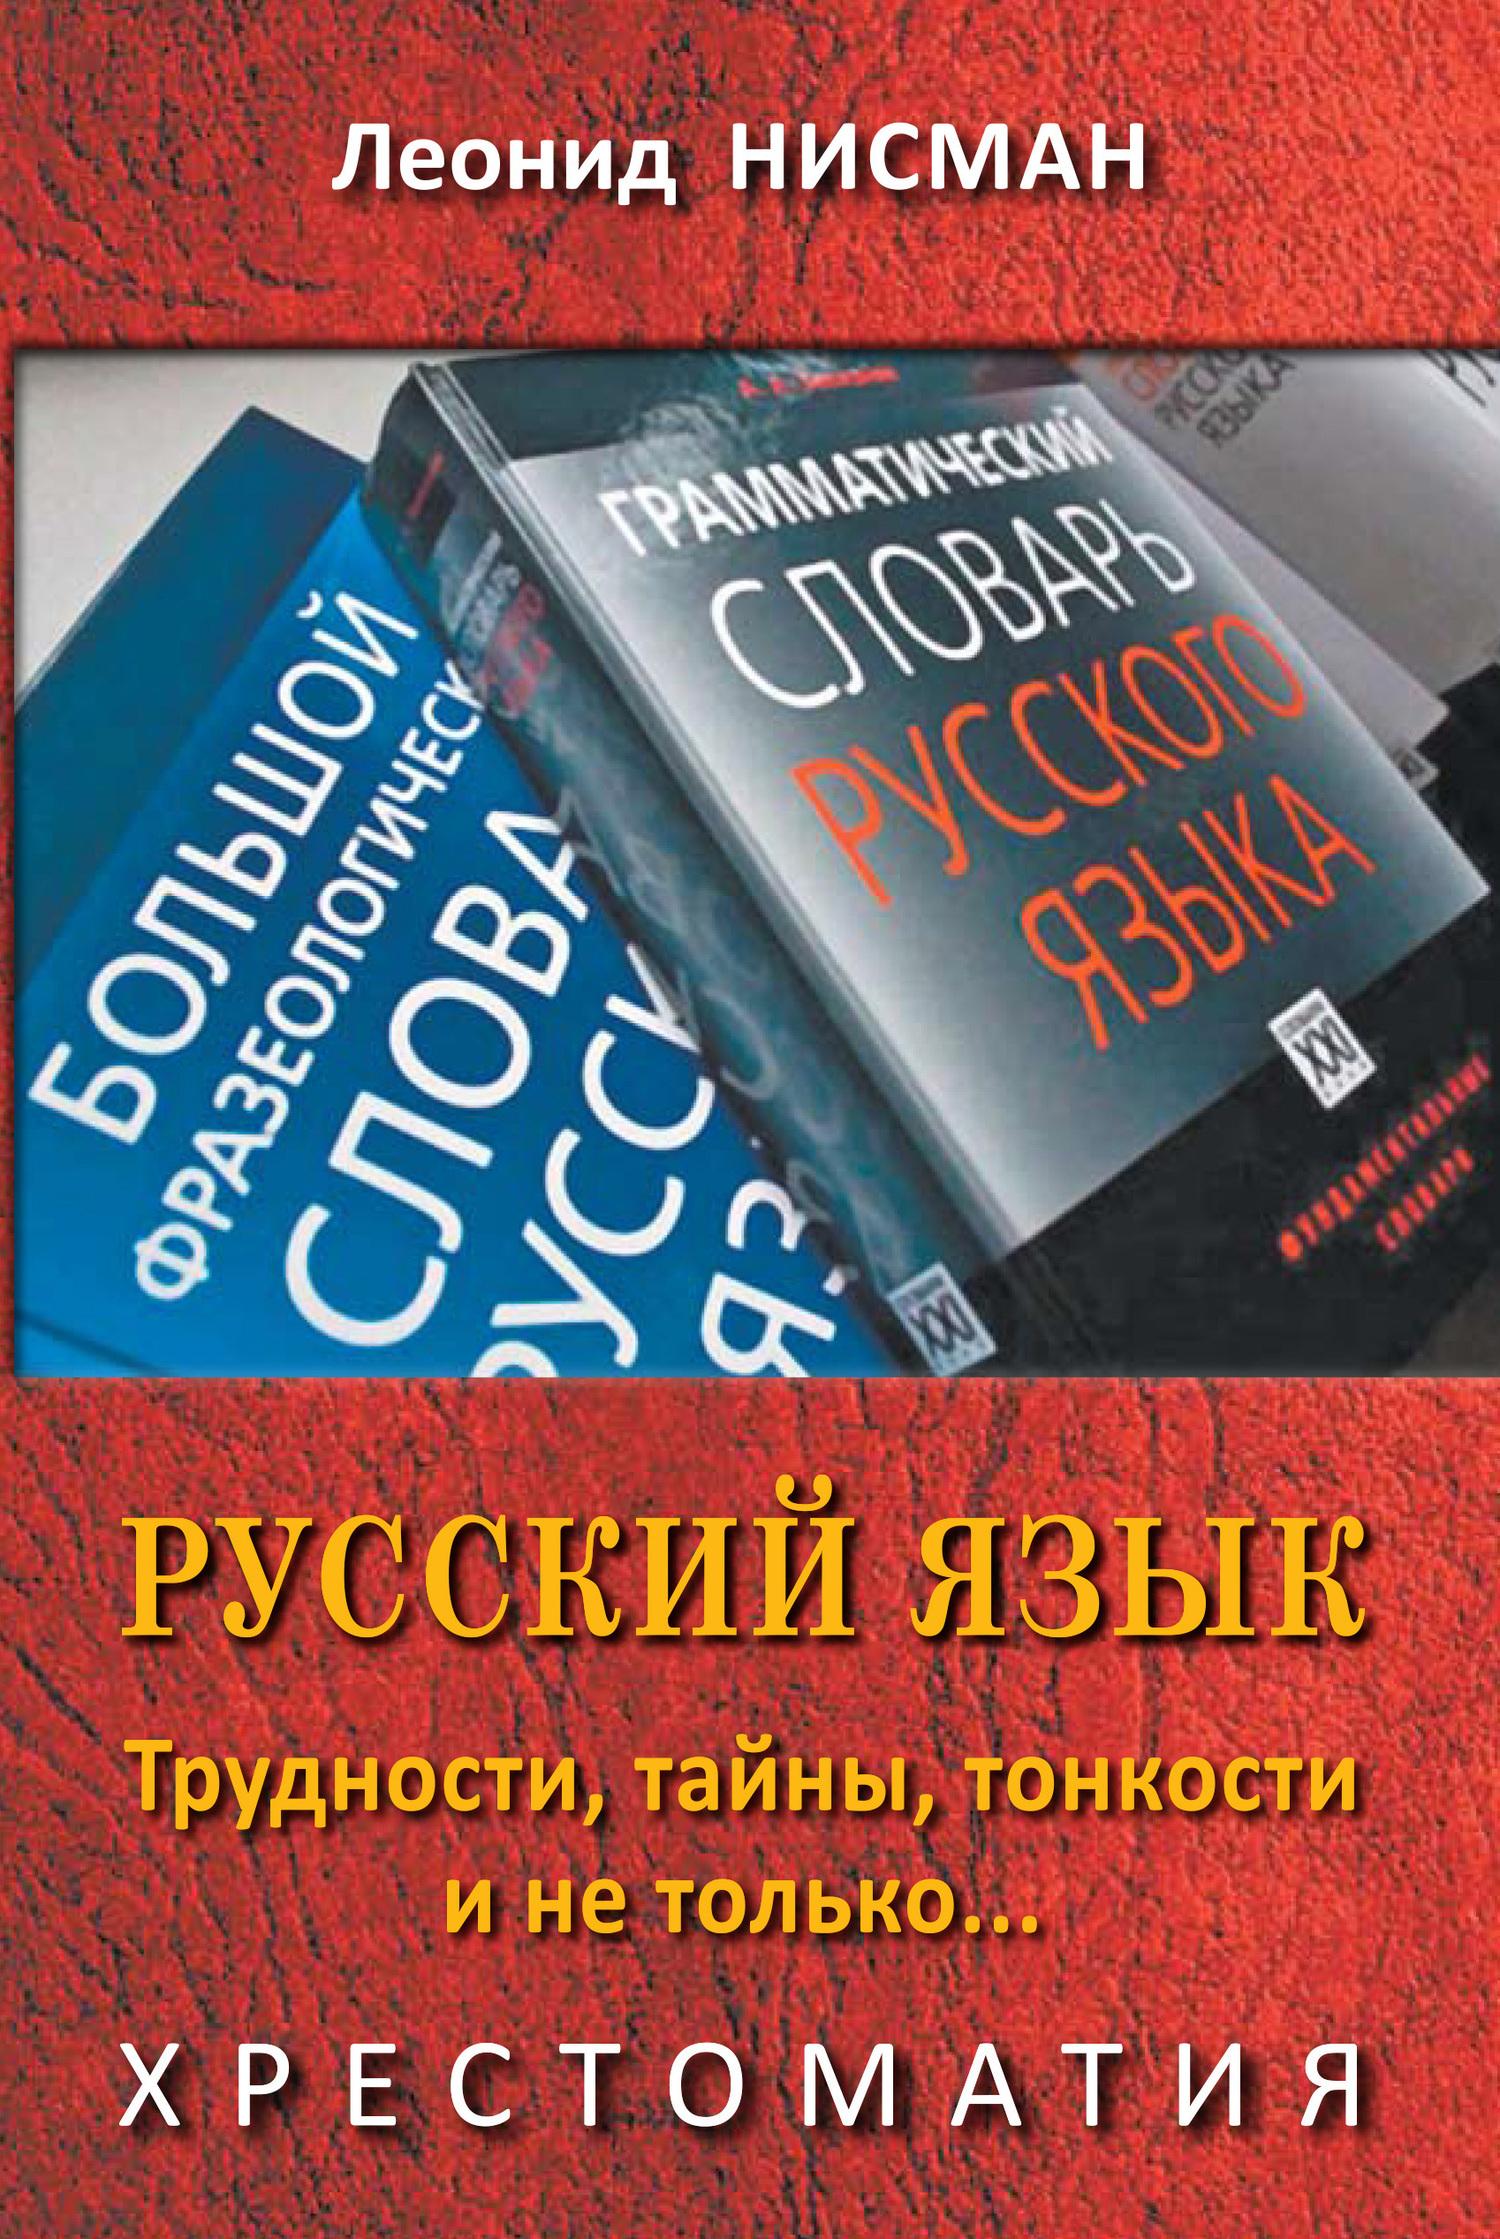 Русский язык. Трудности, тайны, тонкости и не только…